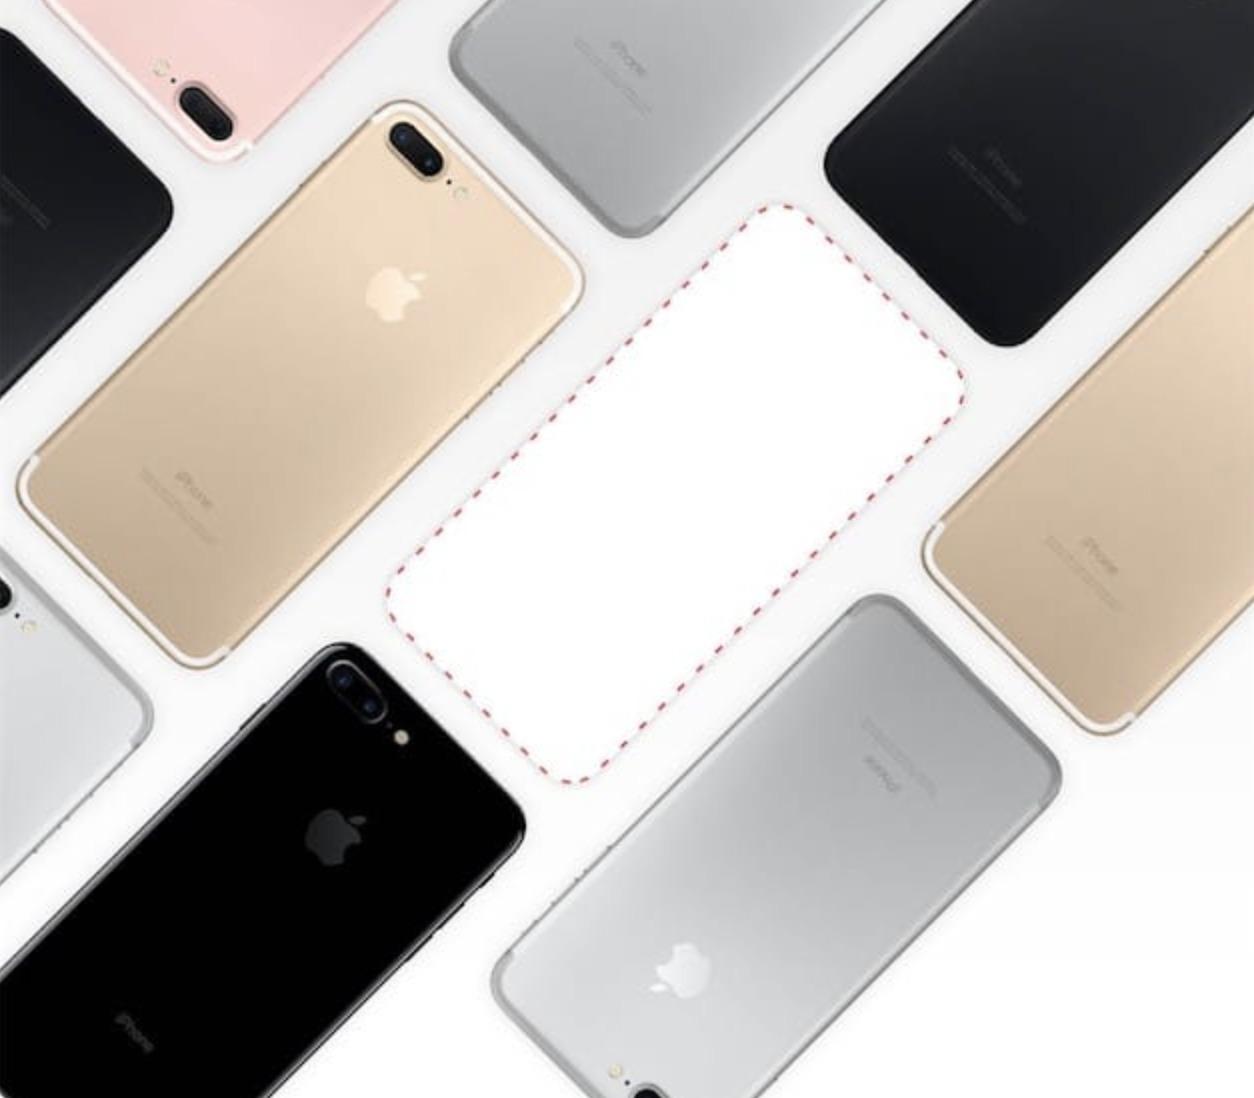 Det lanseres trolig en rød iPhone om en time - er det alt? Vi vet ikke enda, men det kan godt tenkes.